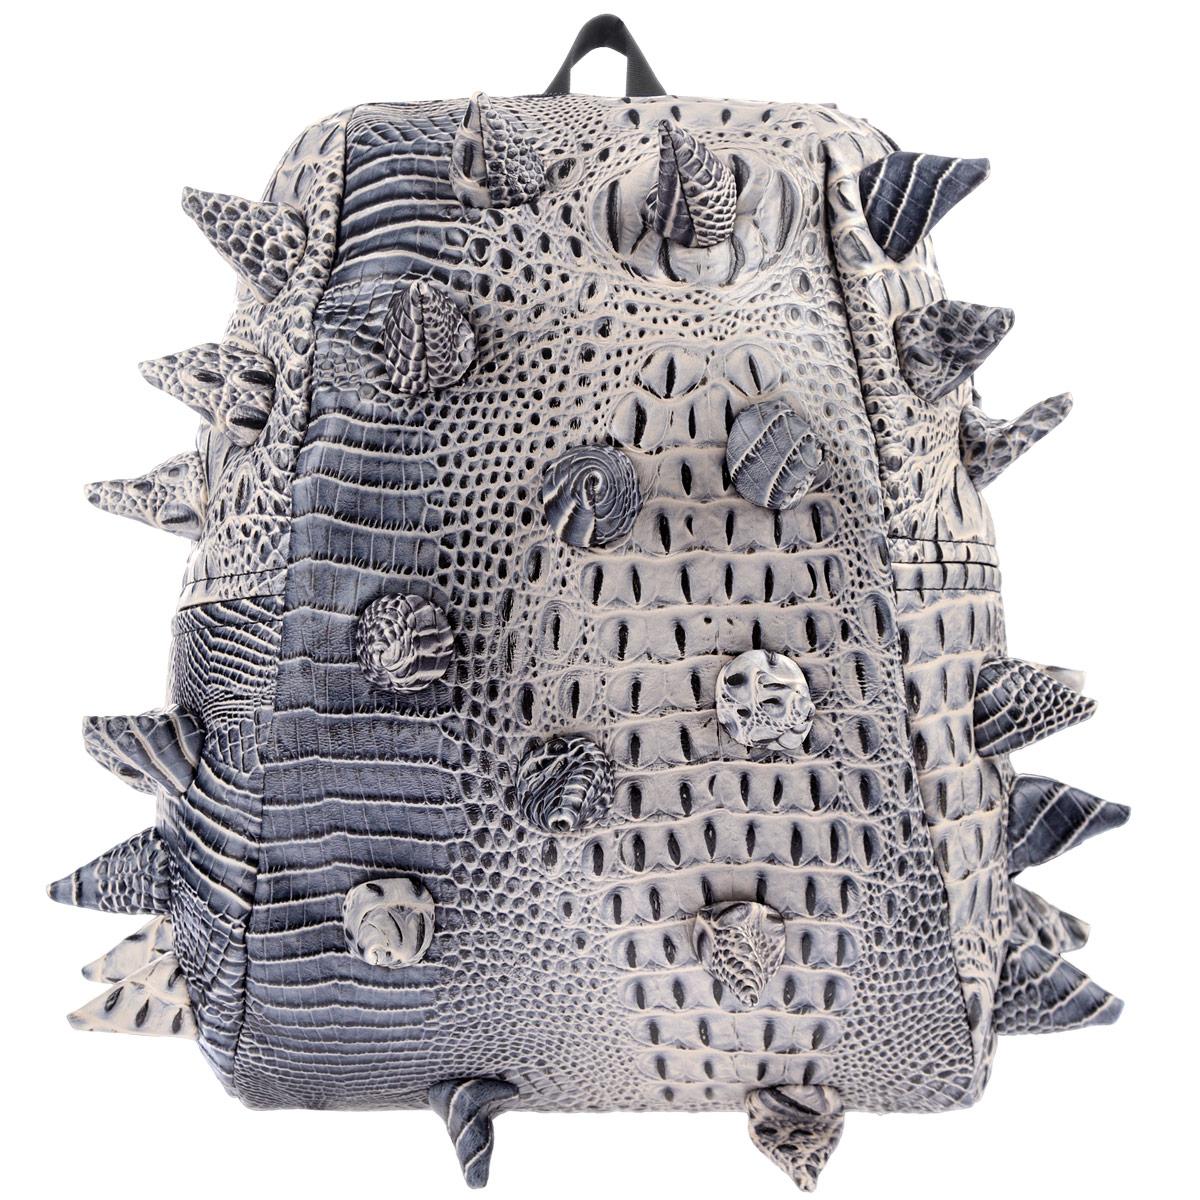 """Рюкзак городской MadPax Gator Half, цвет: коричневый, серый, 16 лKZ24483514Городской рюкзак MadPax Gator Half - это стильный и практичный аксессуар, уместный в ритме большого города. Верх рюкзака выполнен из 100% поливинила с тиснением под рептилию, шипы придают изделию неповторимый дизайн. Подкладка изготовлена из нейлона. Рюкзак имеет одно основное отделение, которое закрывается на застежку-молнию. Внутри поместится ноутбук с диагональю 13"""", iPad и бумаги формата А4. Также внутри содержится небольшой карман на молнии для мелких вещей. Модель оснащена ручкой для переноски в руке, а также мягкими и широкими плечевыми лямками, которые можно регулировать по длине. Полностью вентилируемая и ортопедическая спинка создает дополнительный комфорт вашей спине. Сзади расположен кармашек из прозрачного ПВХ для визитки. MadPax - это крутые рюкзаки в стиле фанк, которые своим неповторимым дизайном бросают вызов монотонности и скуке. Эти уникальные рюкзаки помогают детям всех возрастов самовыражаться, а их внутренняя структура с отделениями,..."""